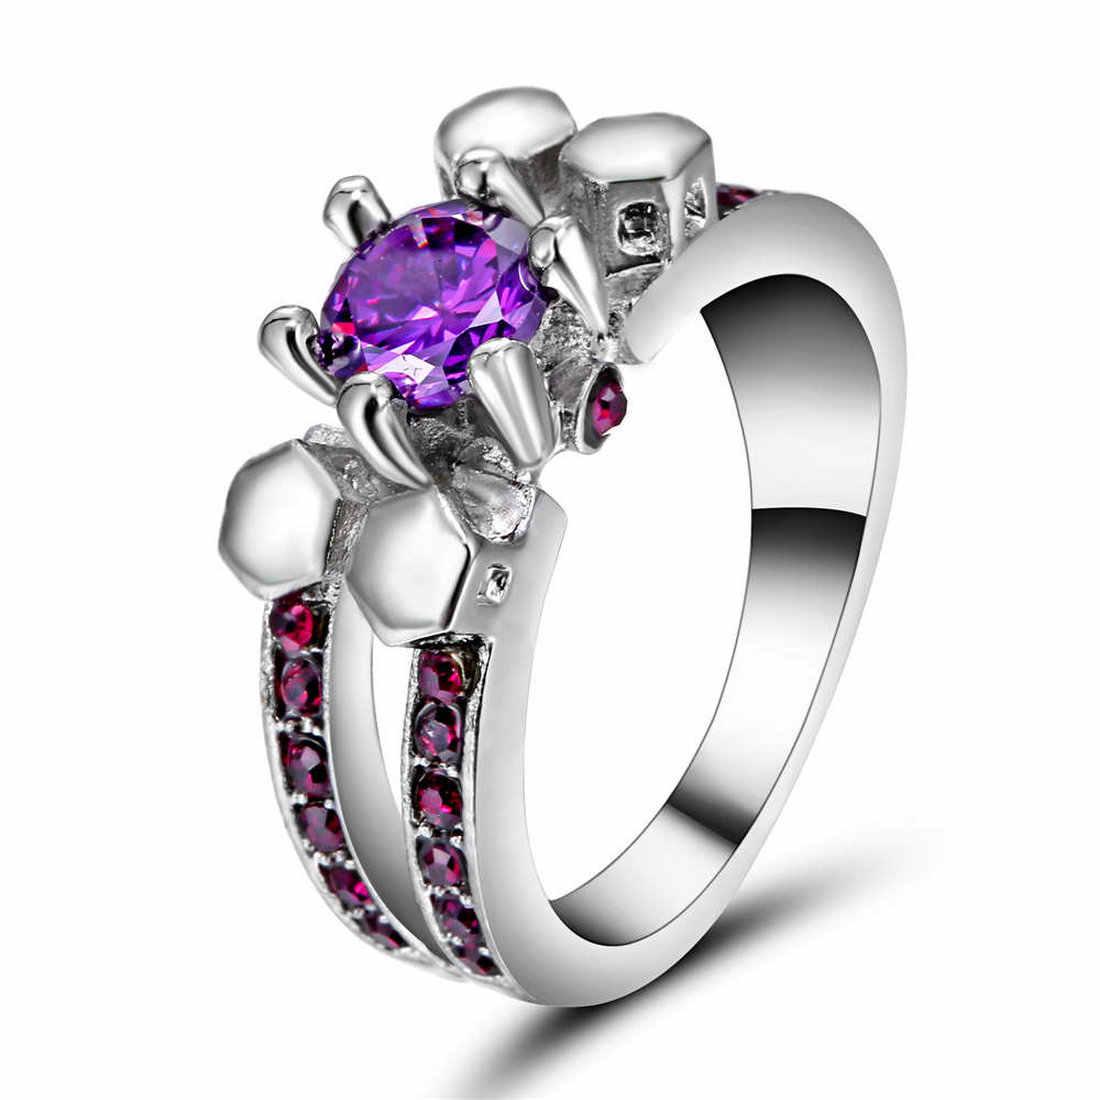 ใหม่แฟชั่นผู้หญิงแหวนคริสตัลสีม่วง Black Gold Gold Filled สี Zircon คริสตัลหมั้นแหวนขนาด 7